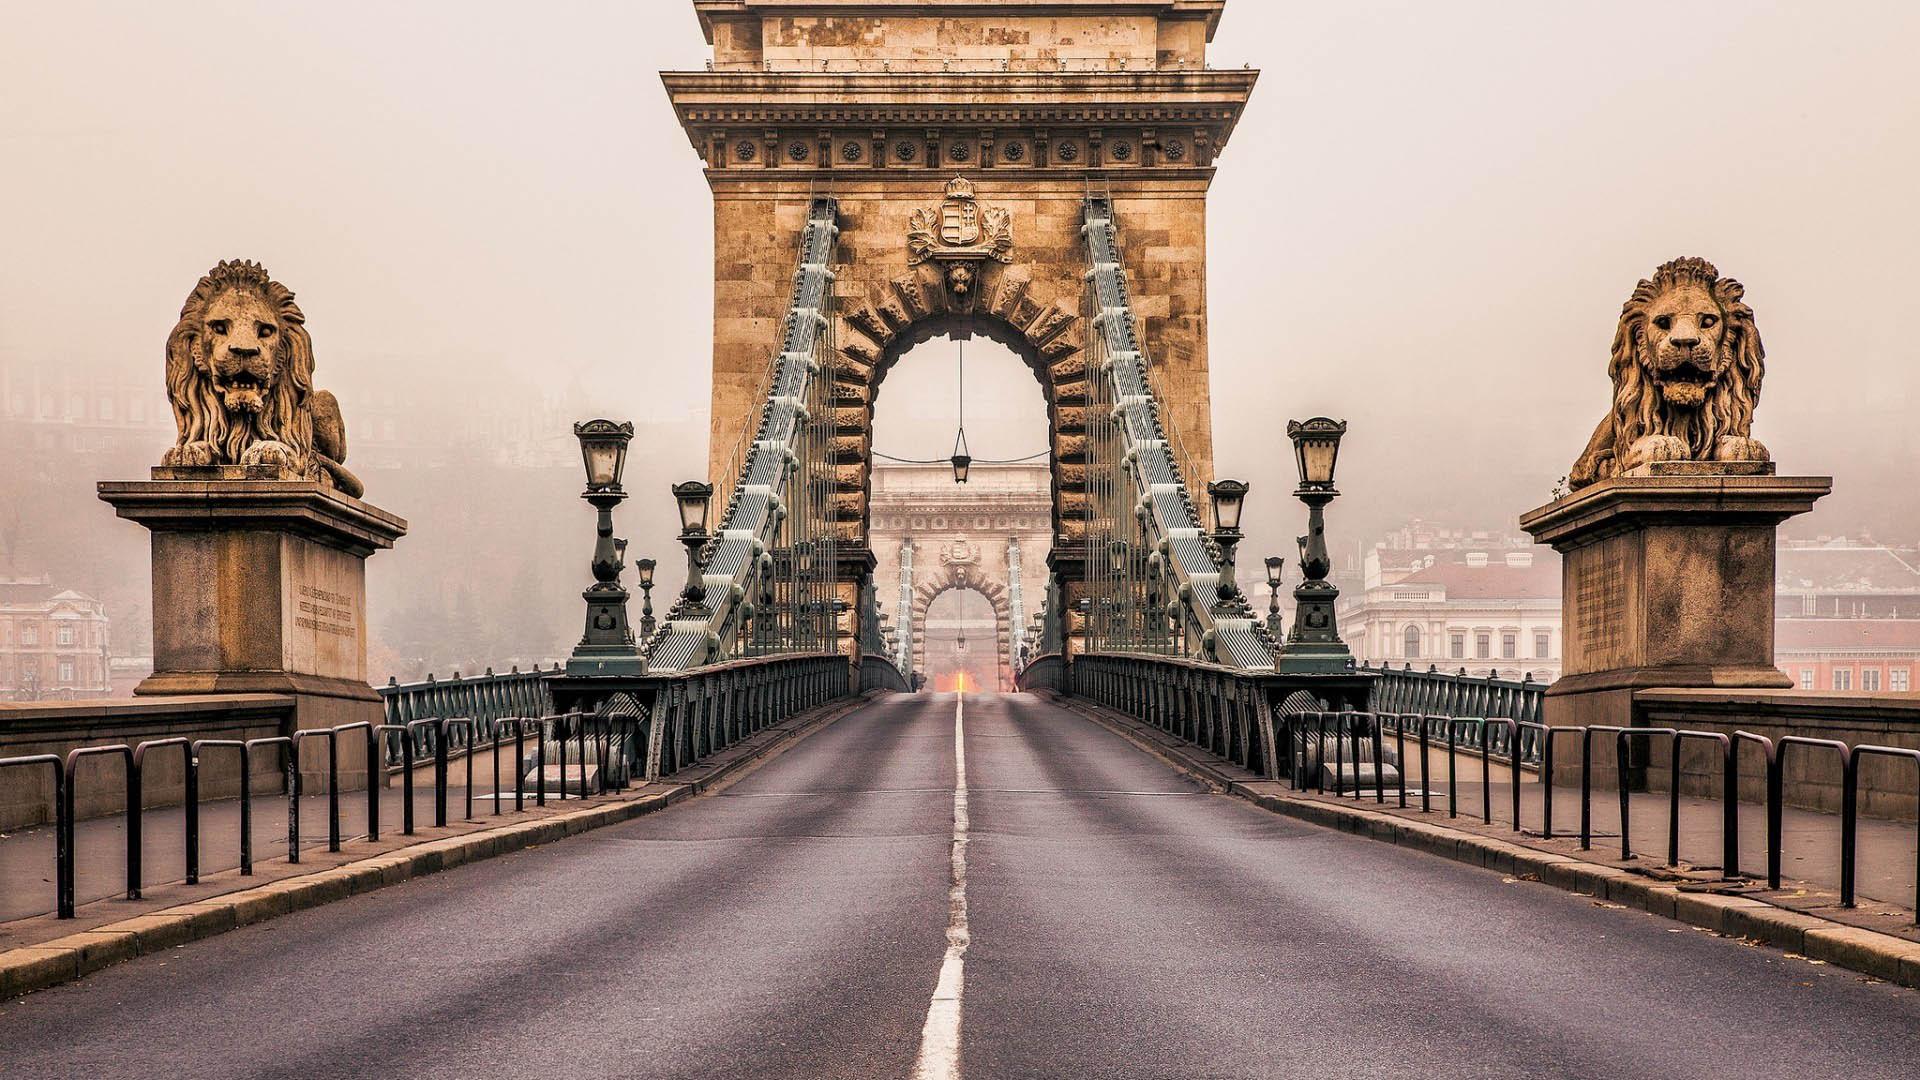 پل زنجیر - بوداپست